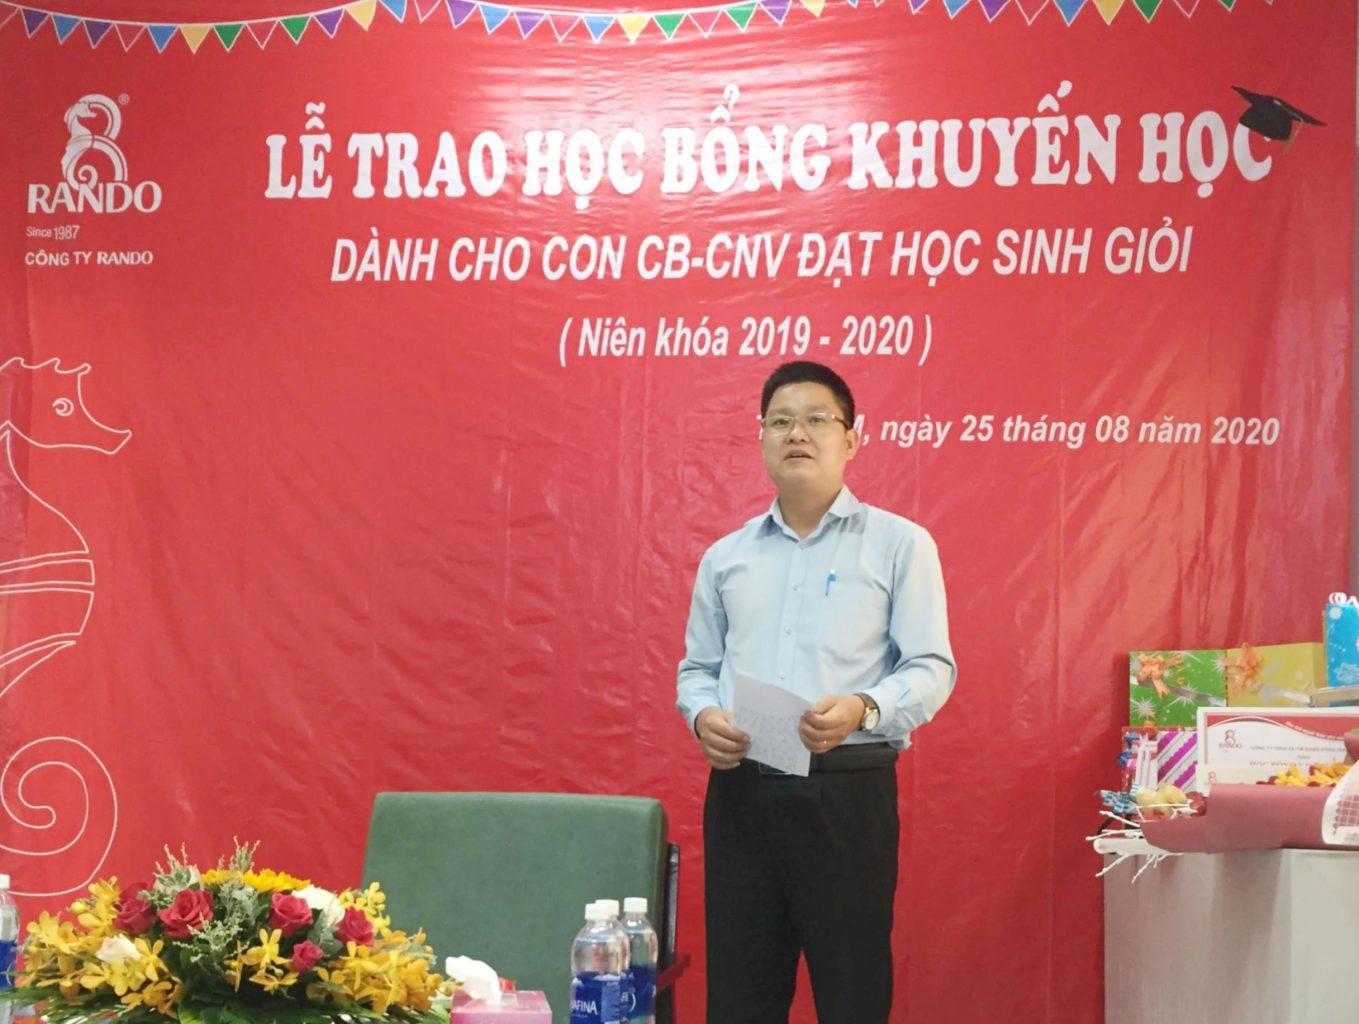 Ông Lê Kim Tú – GĐ Điều Hành RANDO